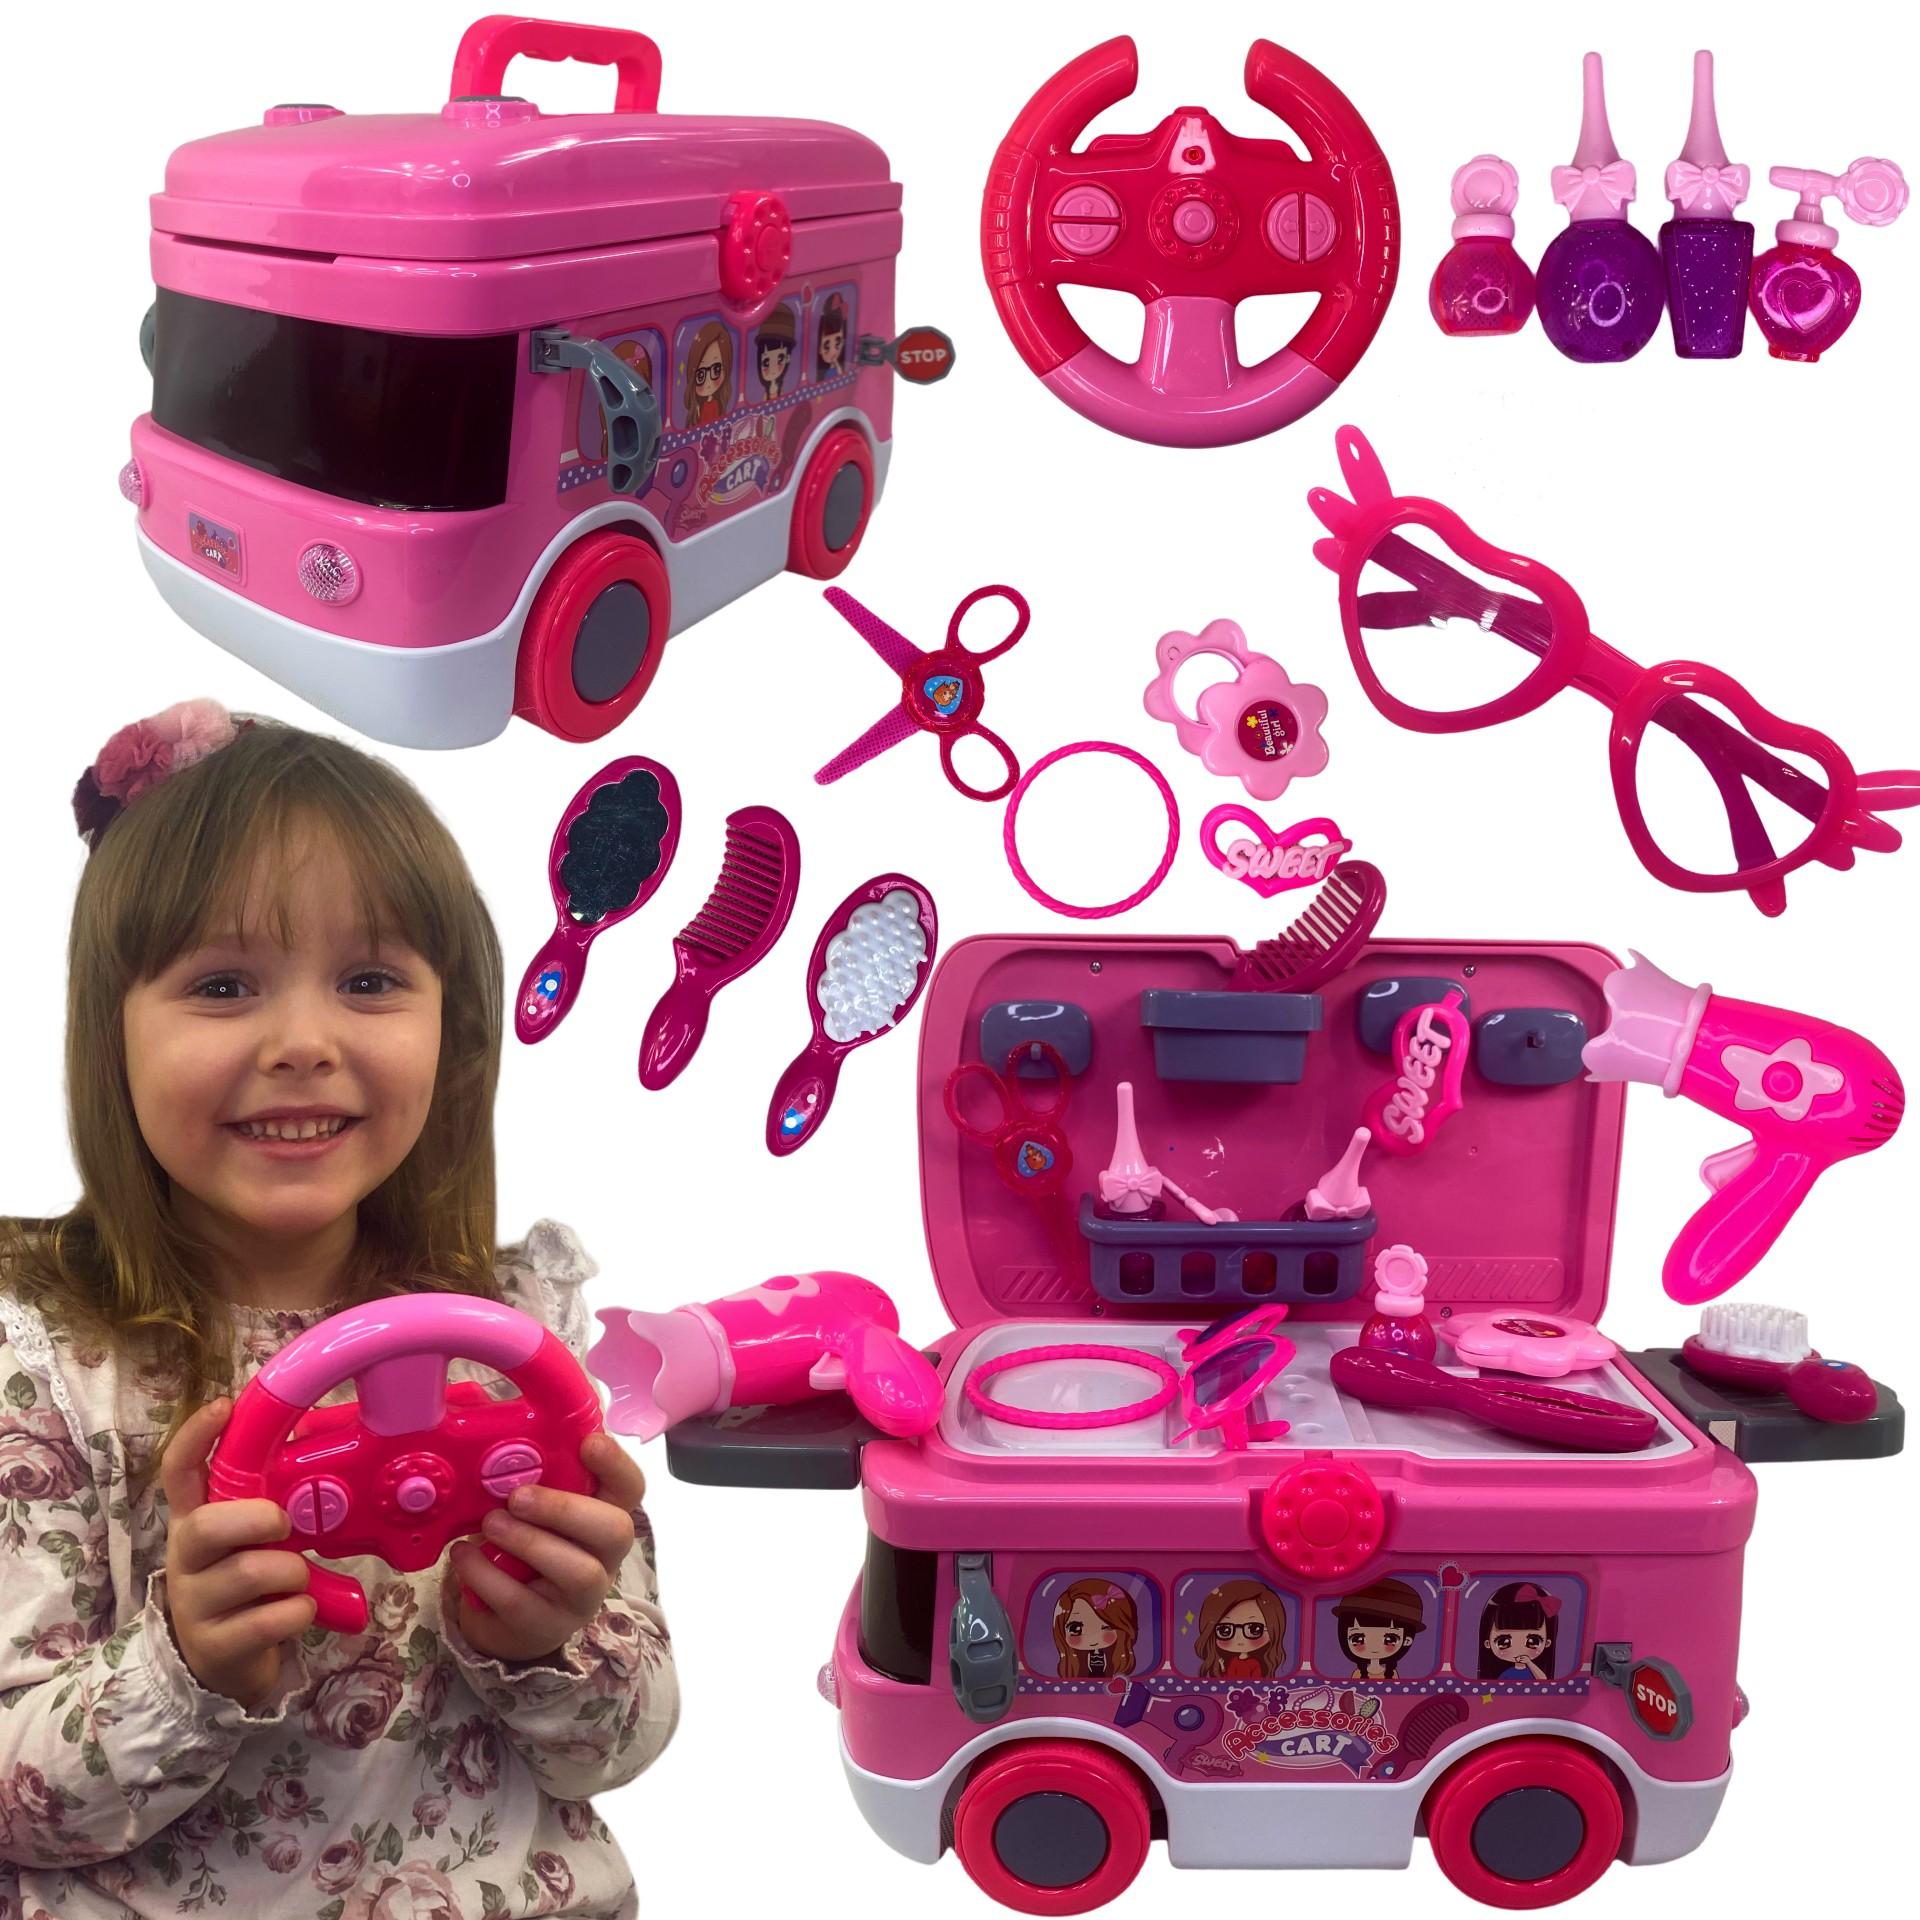 Toaletka dla dziewczynki zestaw akcesoriów autko napęd